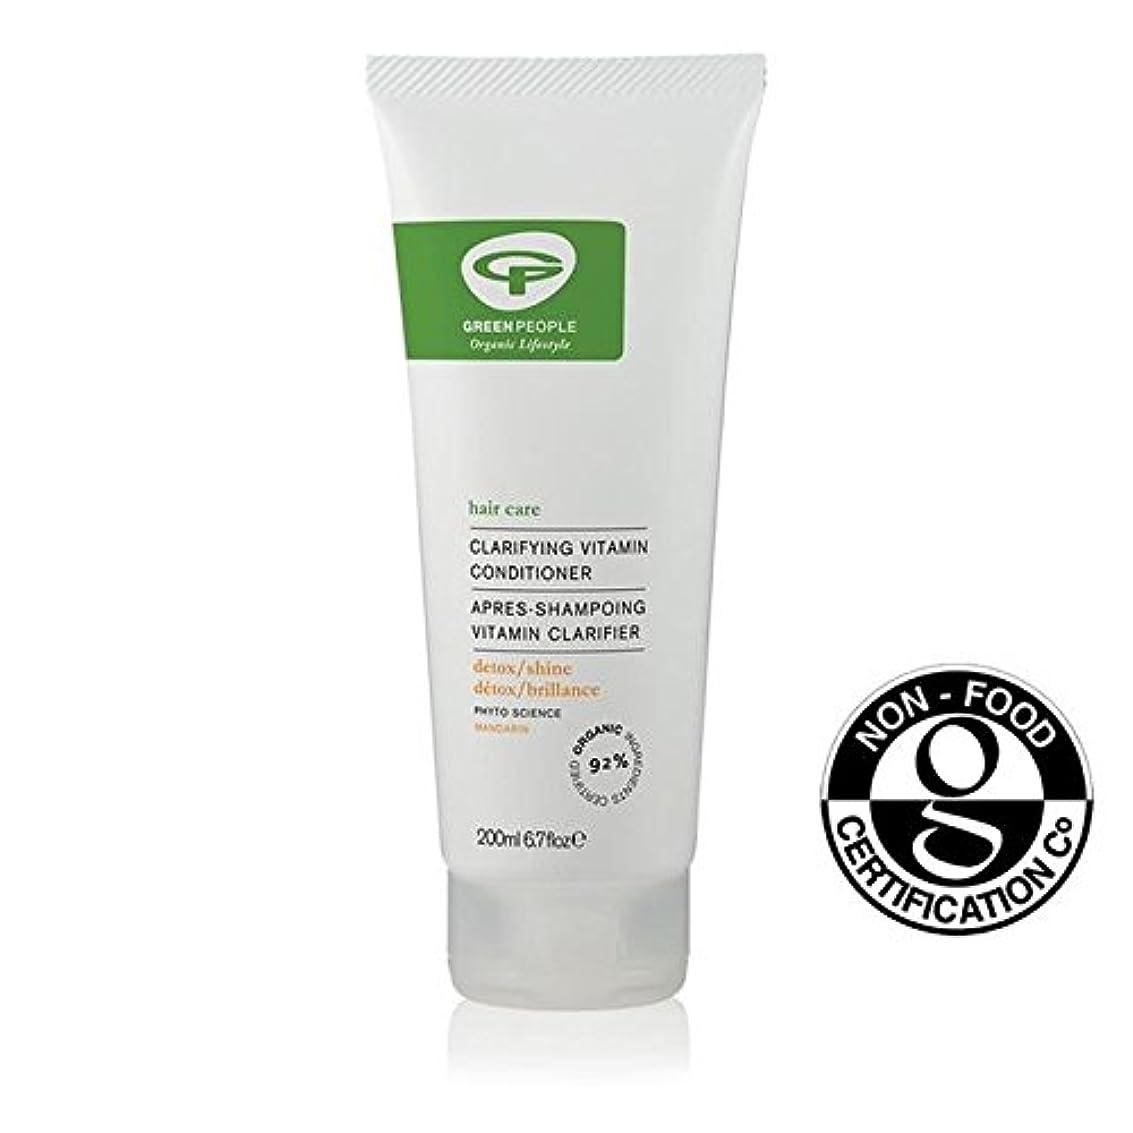 中性コースパラナ川緑の人々の有機明確ビタミンコンディショナー200 x4 - Green People Organic Clarifying Vitamin Conditioner 200ml (Pack of 4) [並行輸入品]